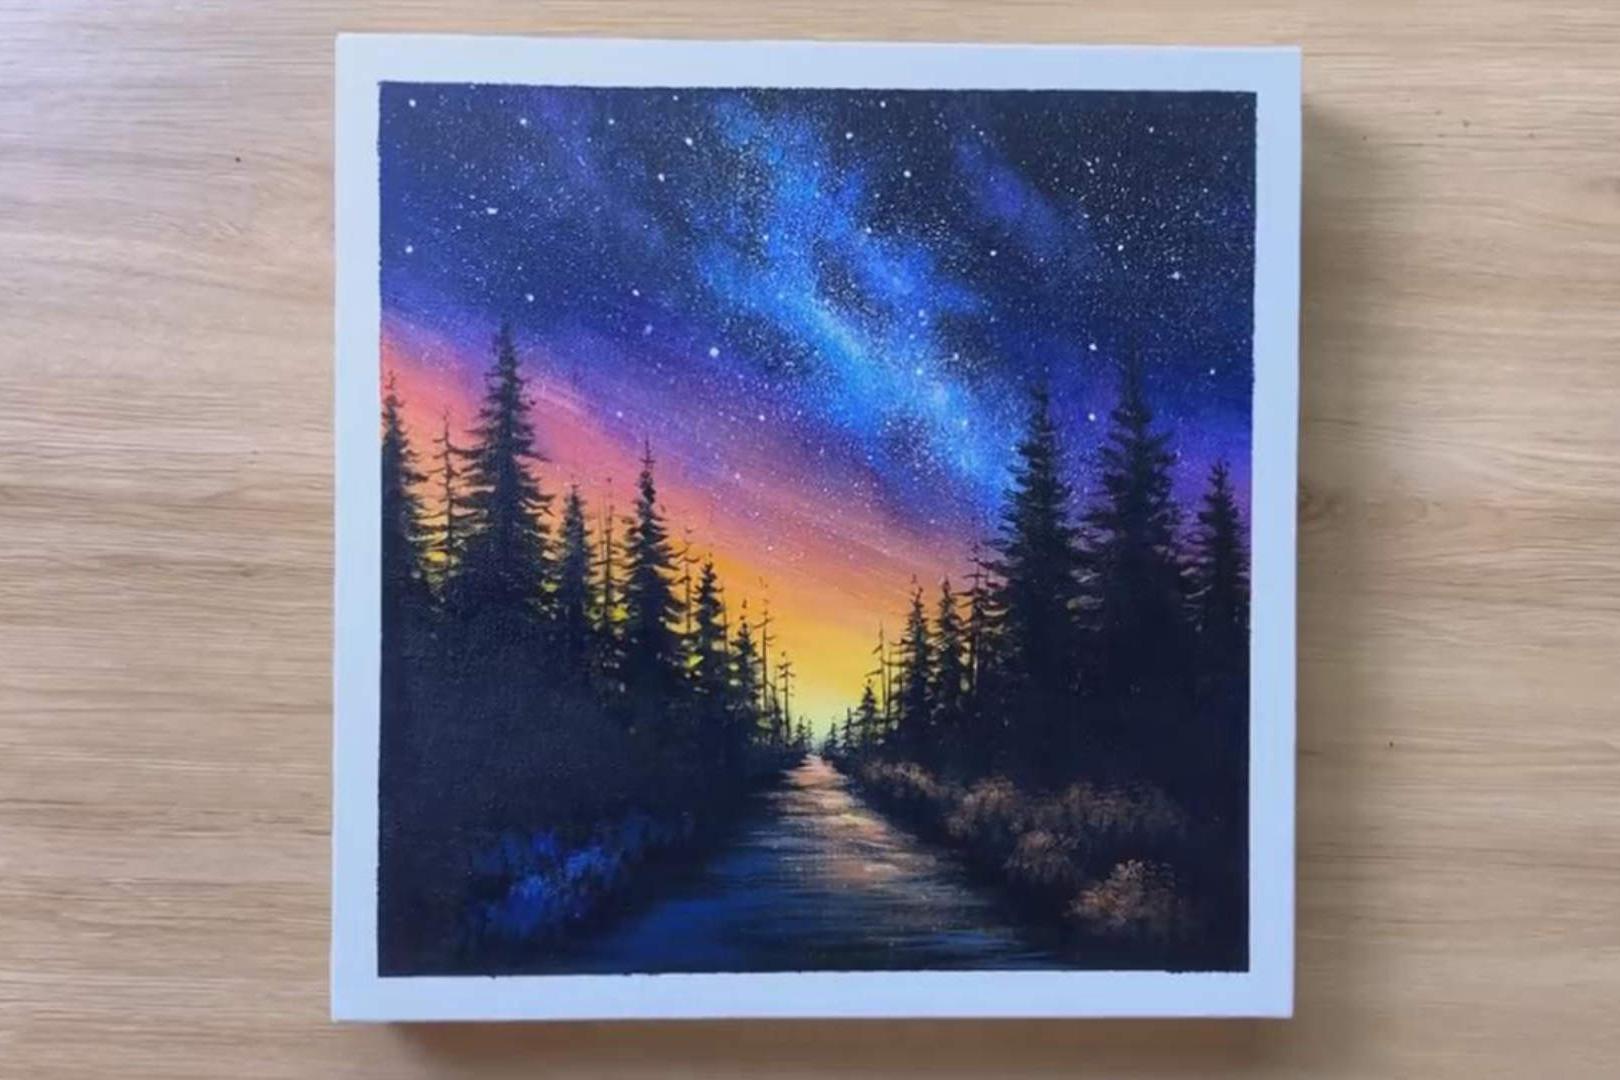 手工绘画作品,带你学习如何绘画漂亮的星空风景画!